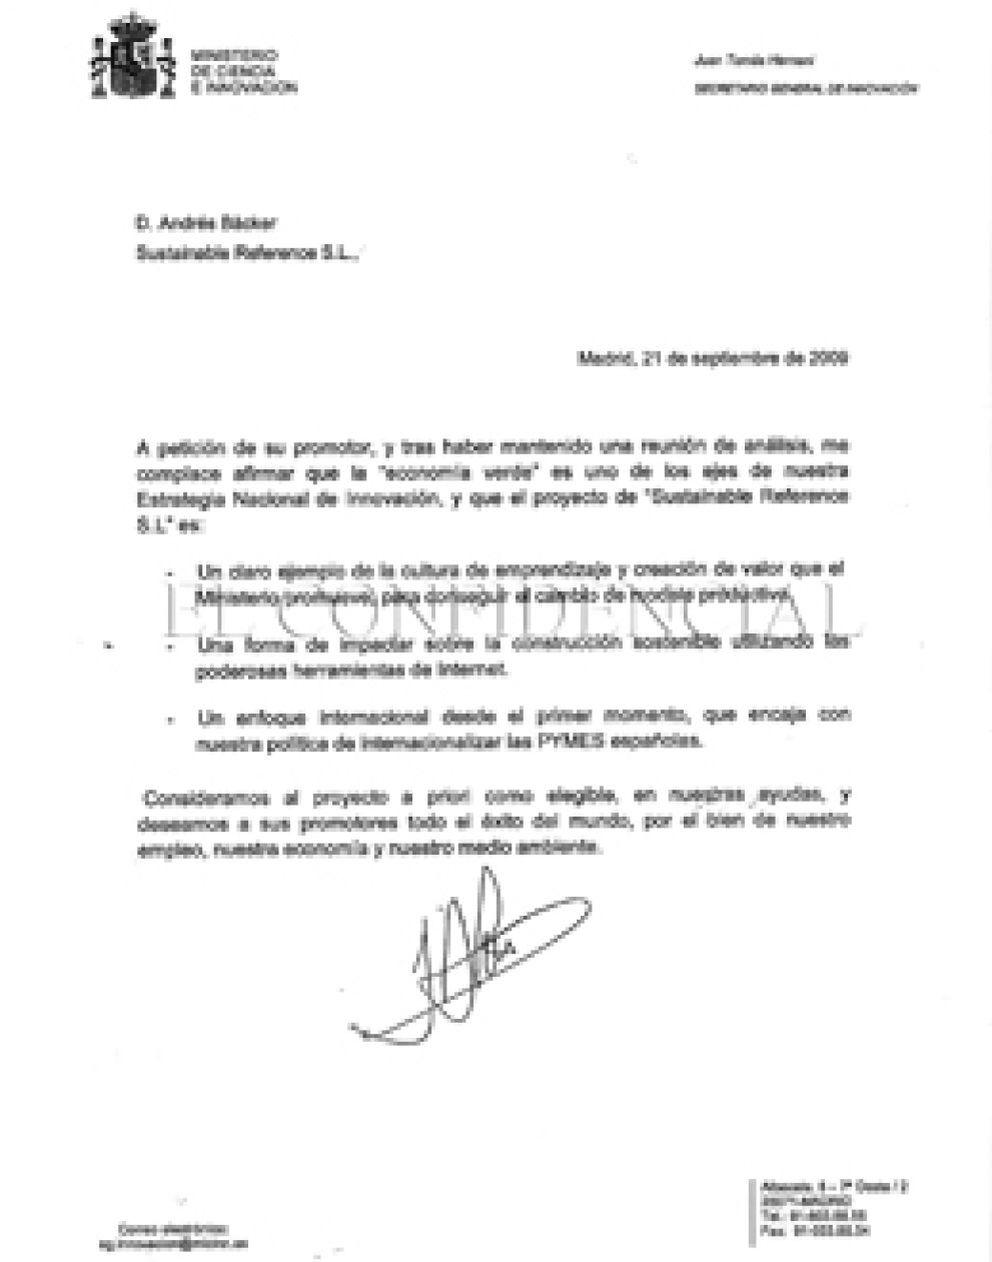 Foto: Un alto cargo del Gobierno medió para que una empresa recibiera dinero de su propio Ministerio